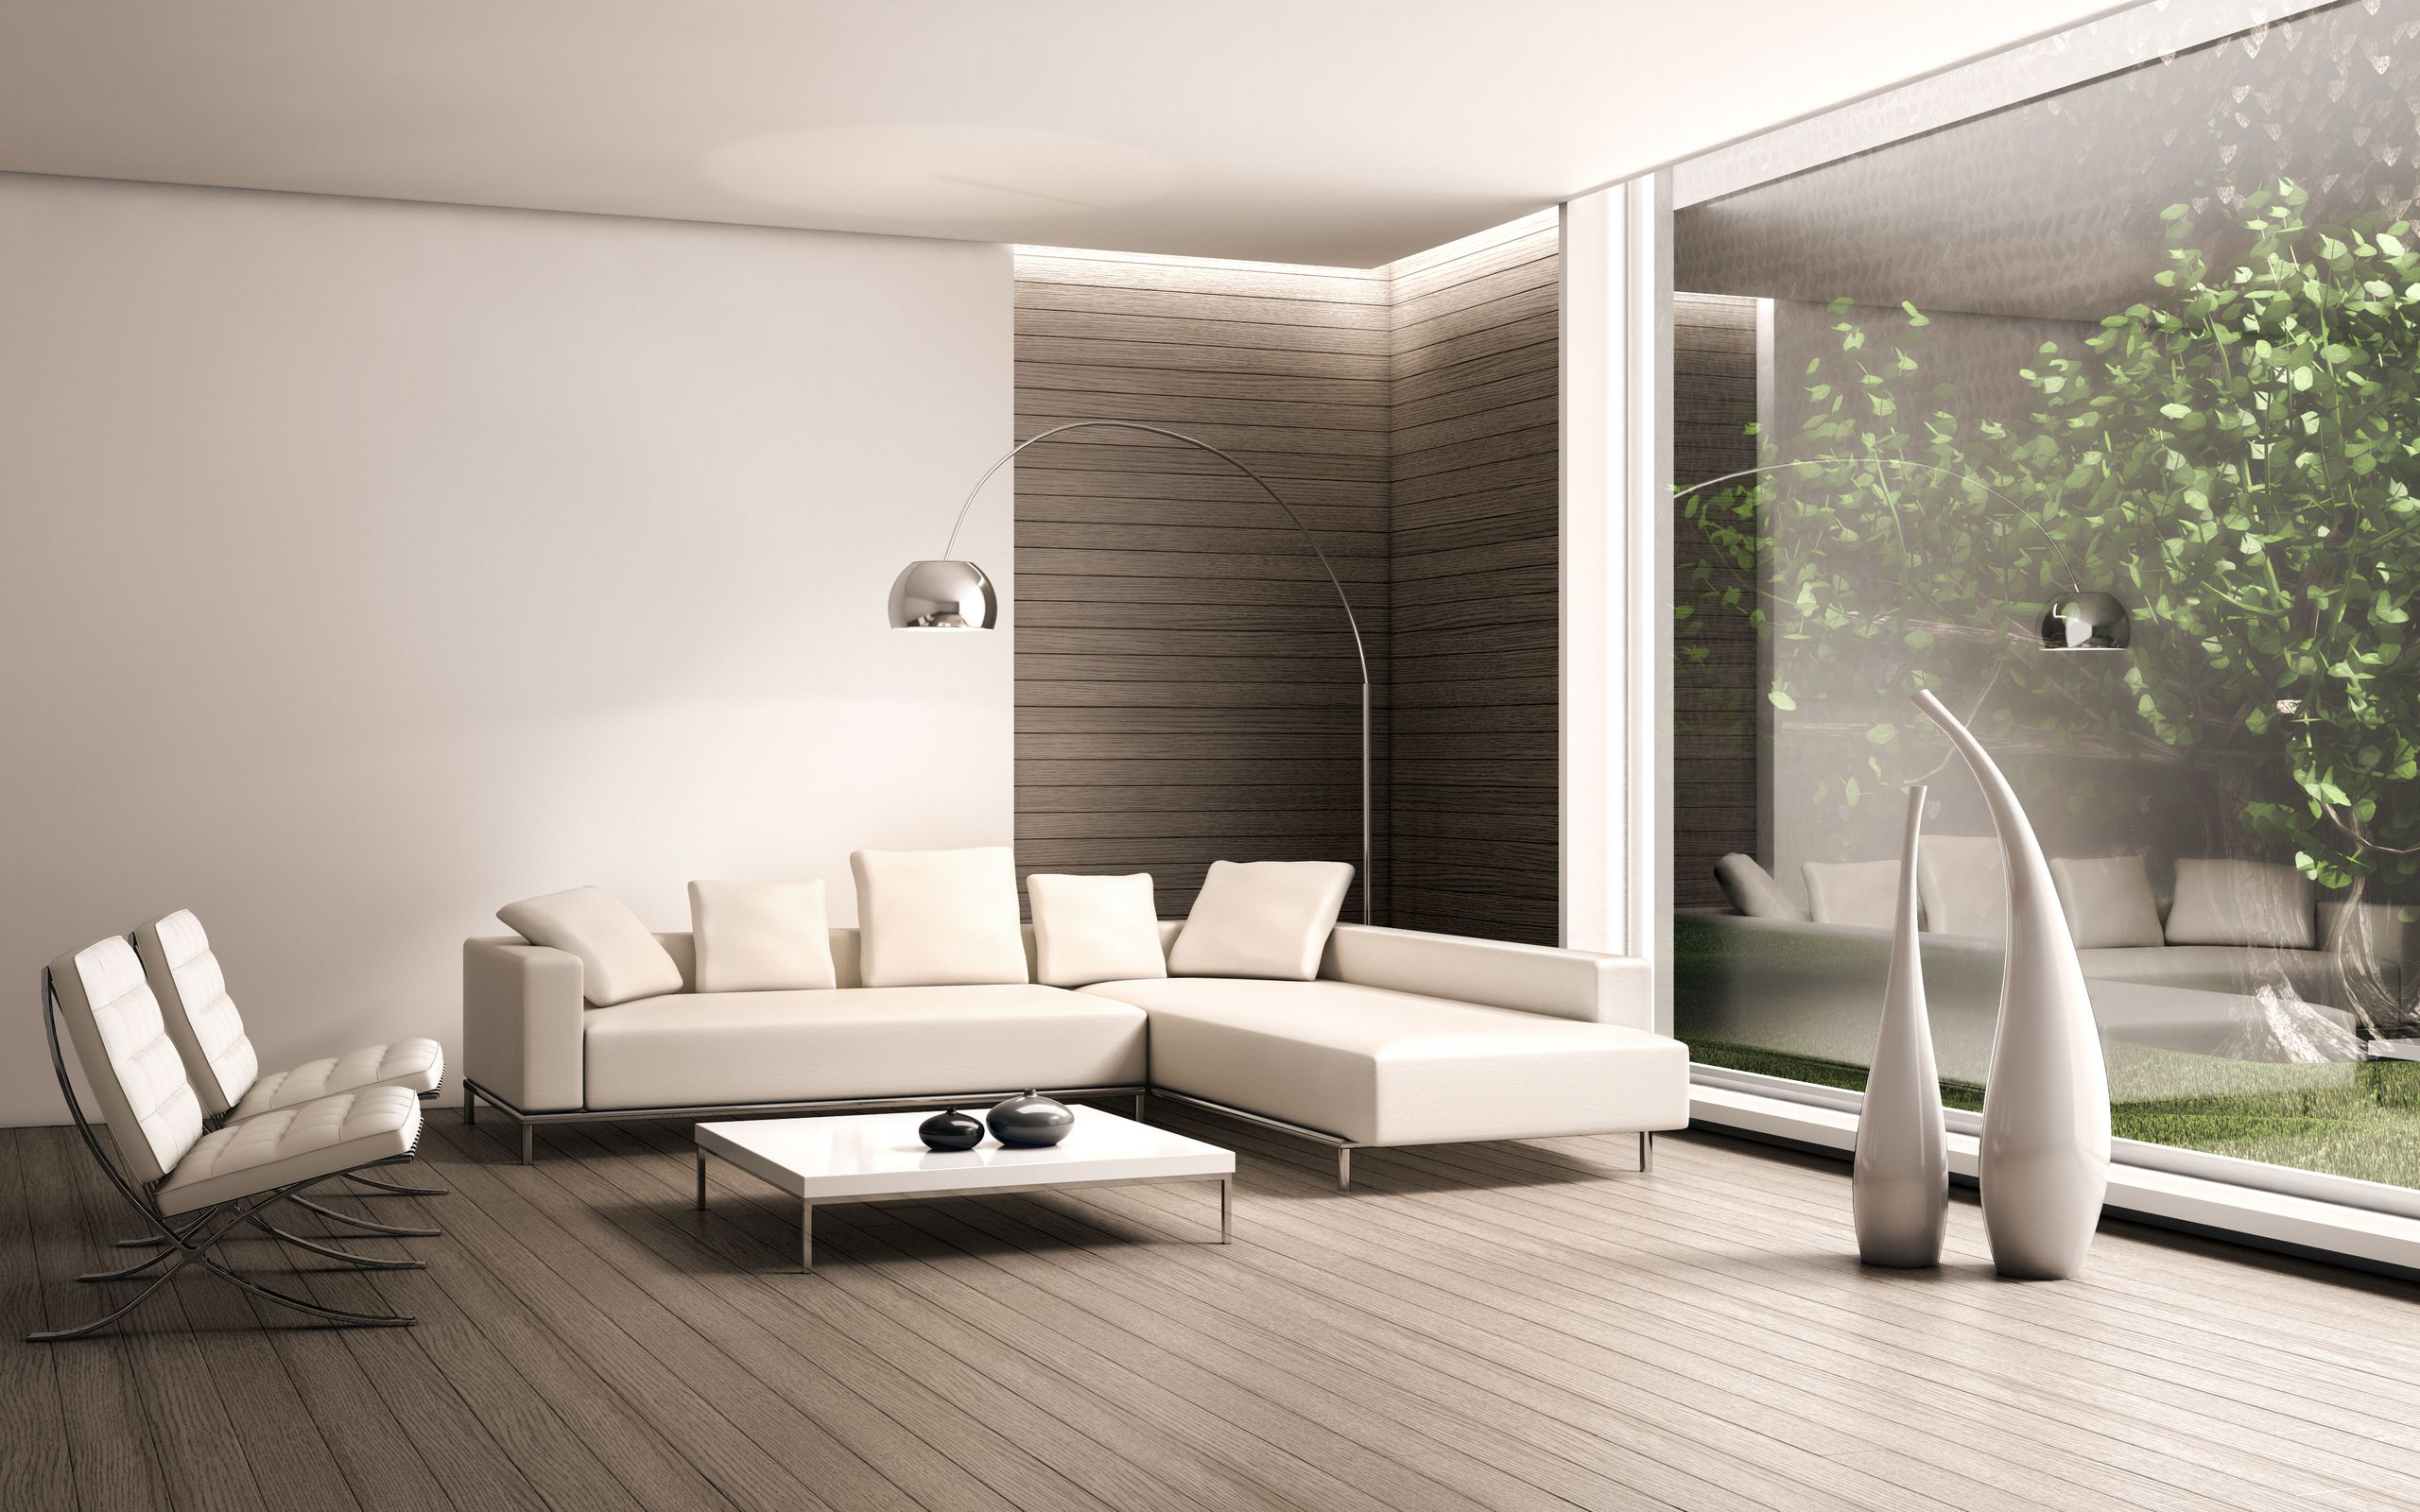 Wohnzimmer Lampe ~ Wohnzimmer lampe modern deckenleuchte wohnzimmer design